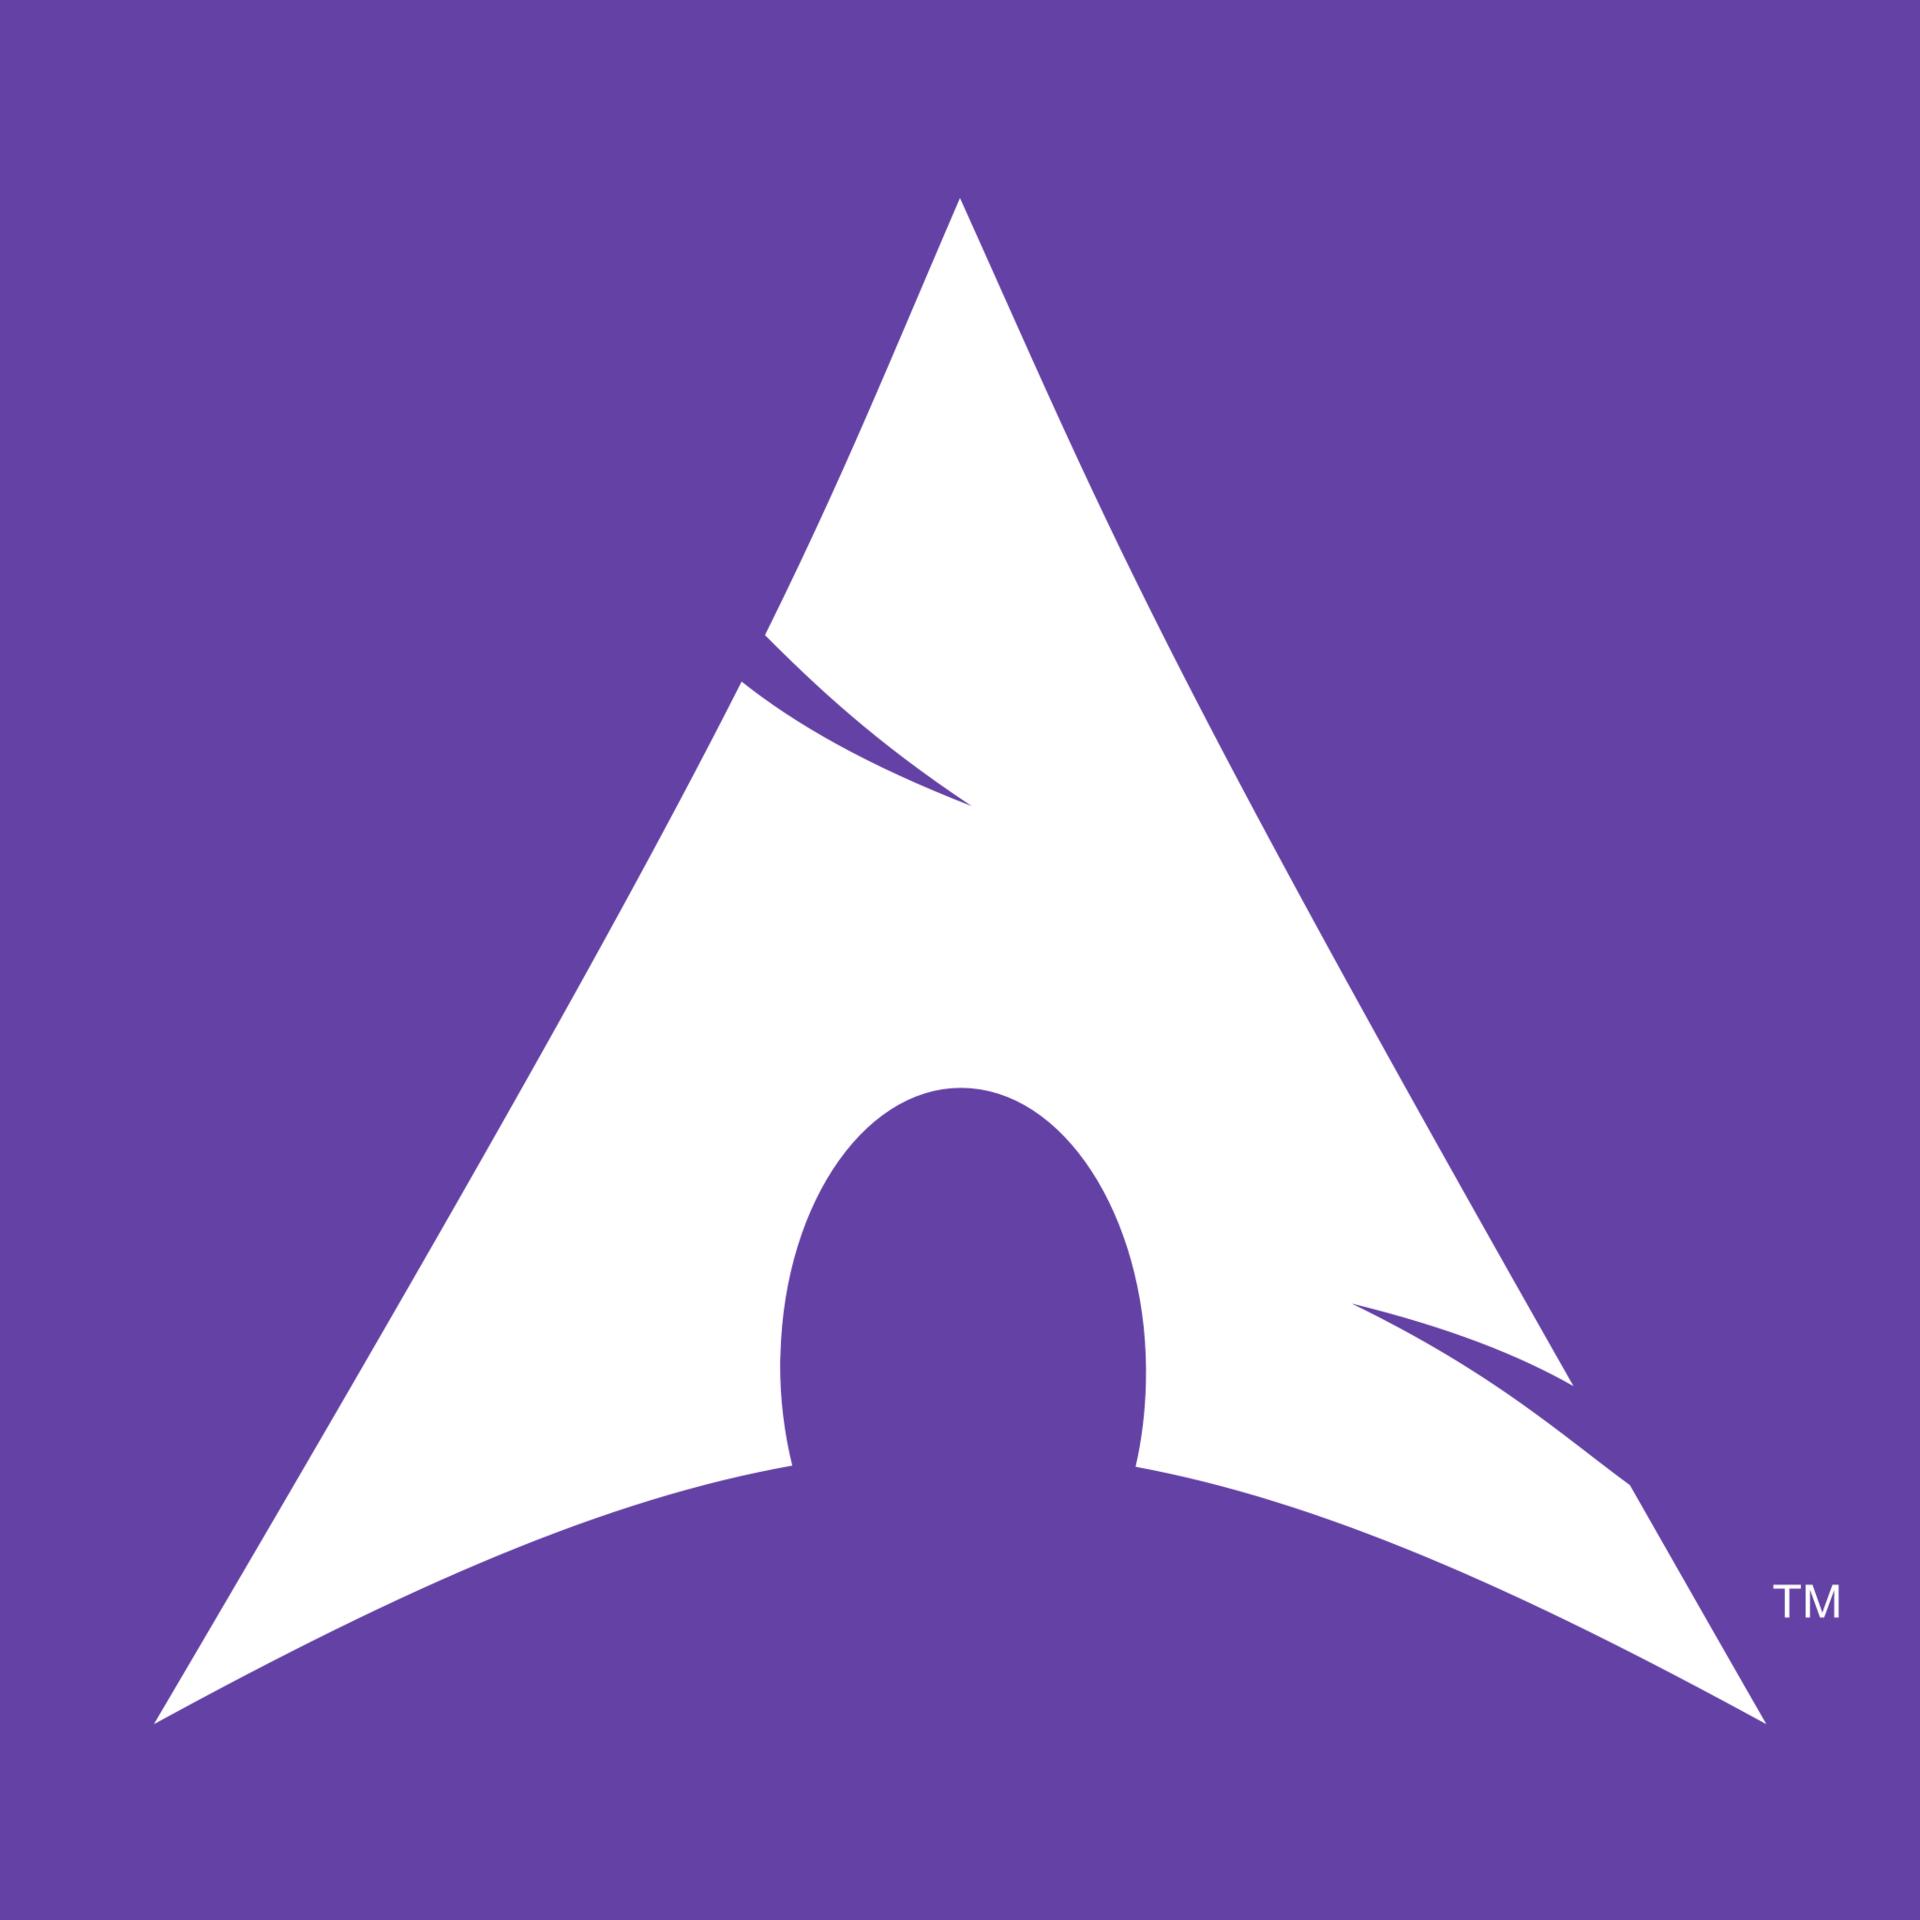 Неделя установки Arch Linux на Twitch - 1